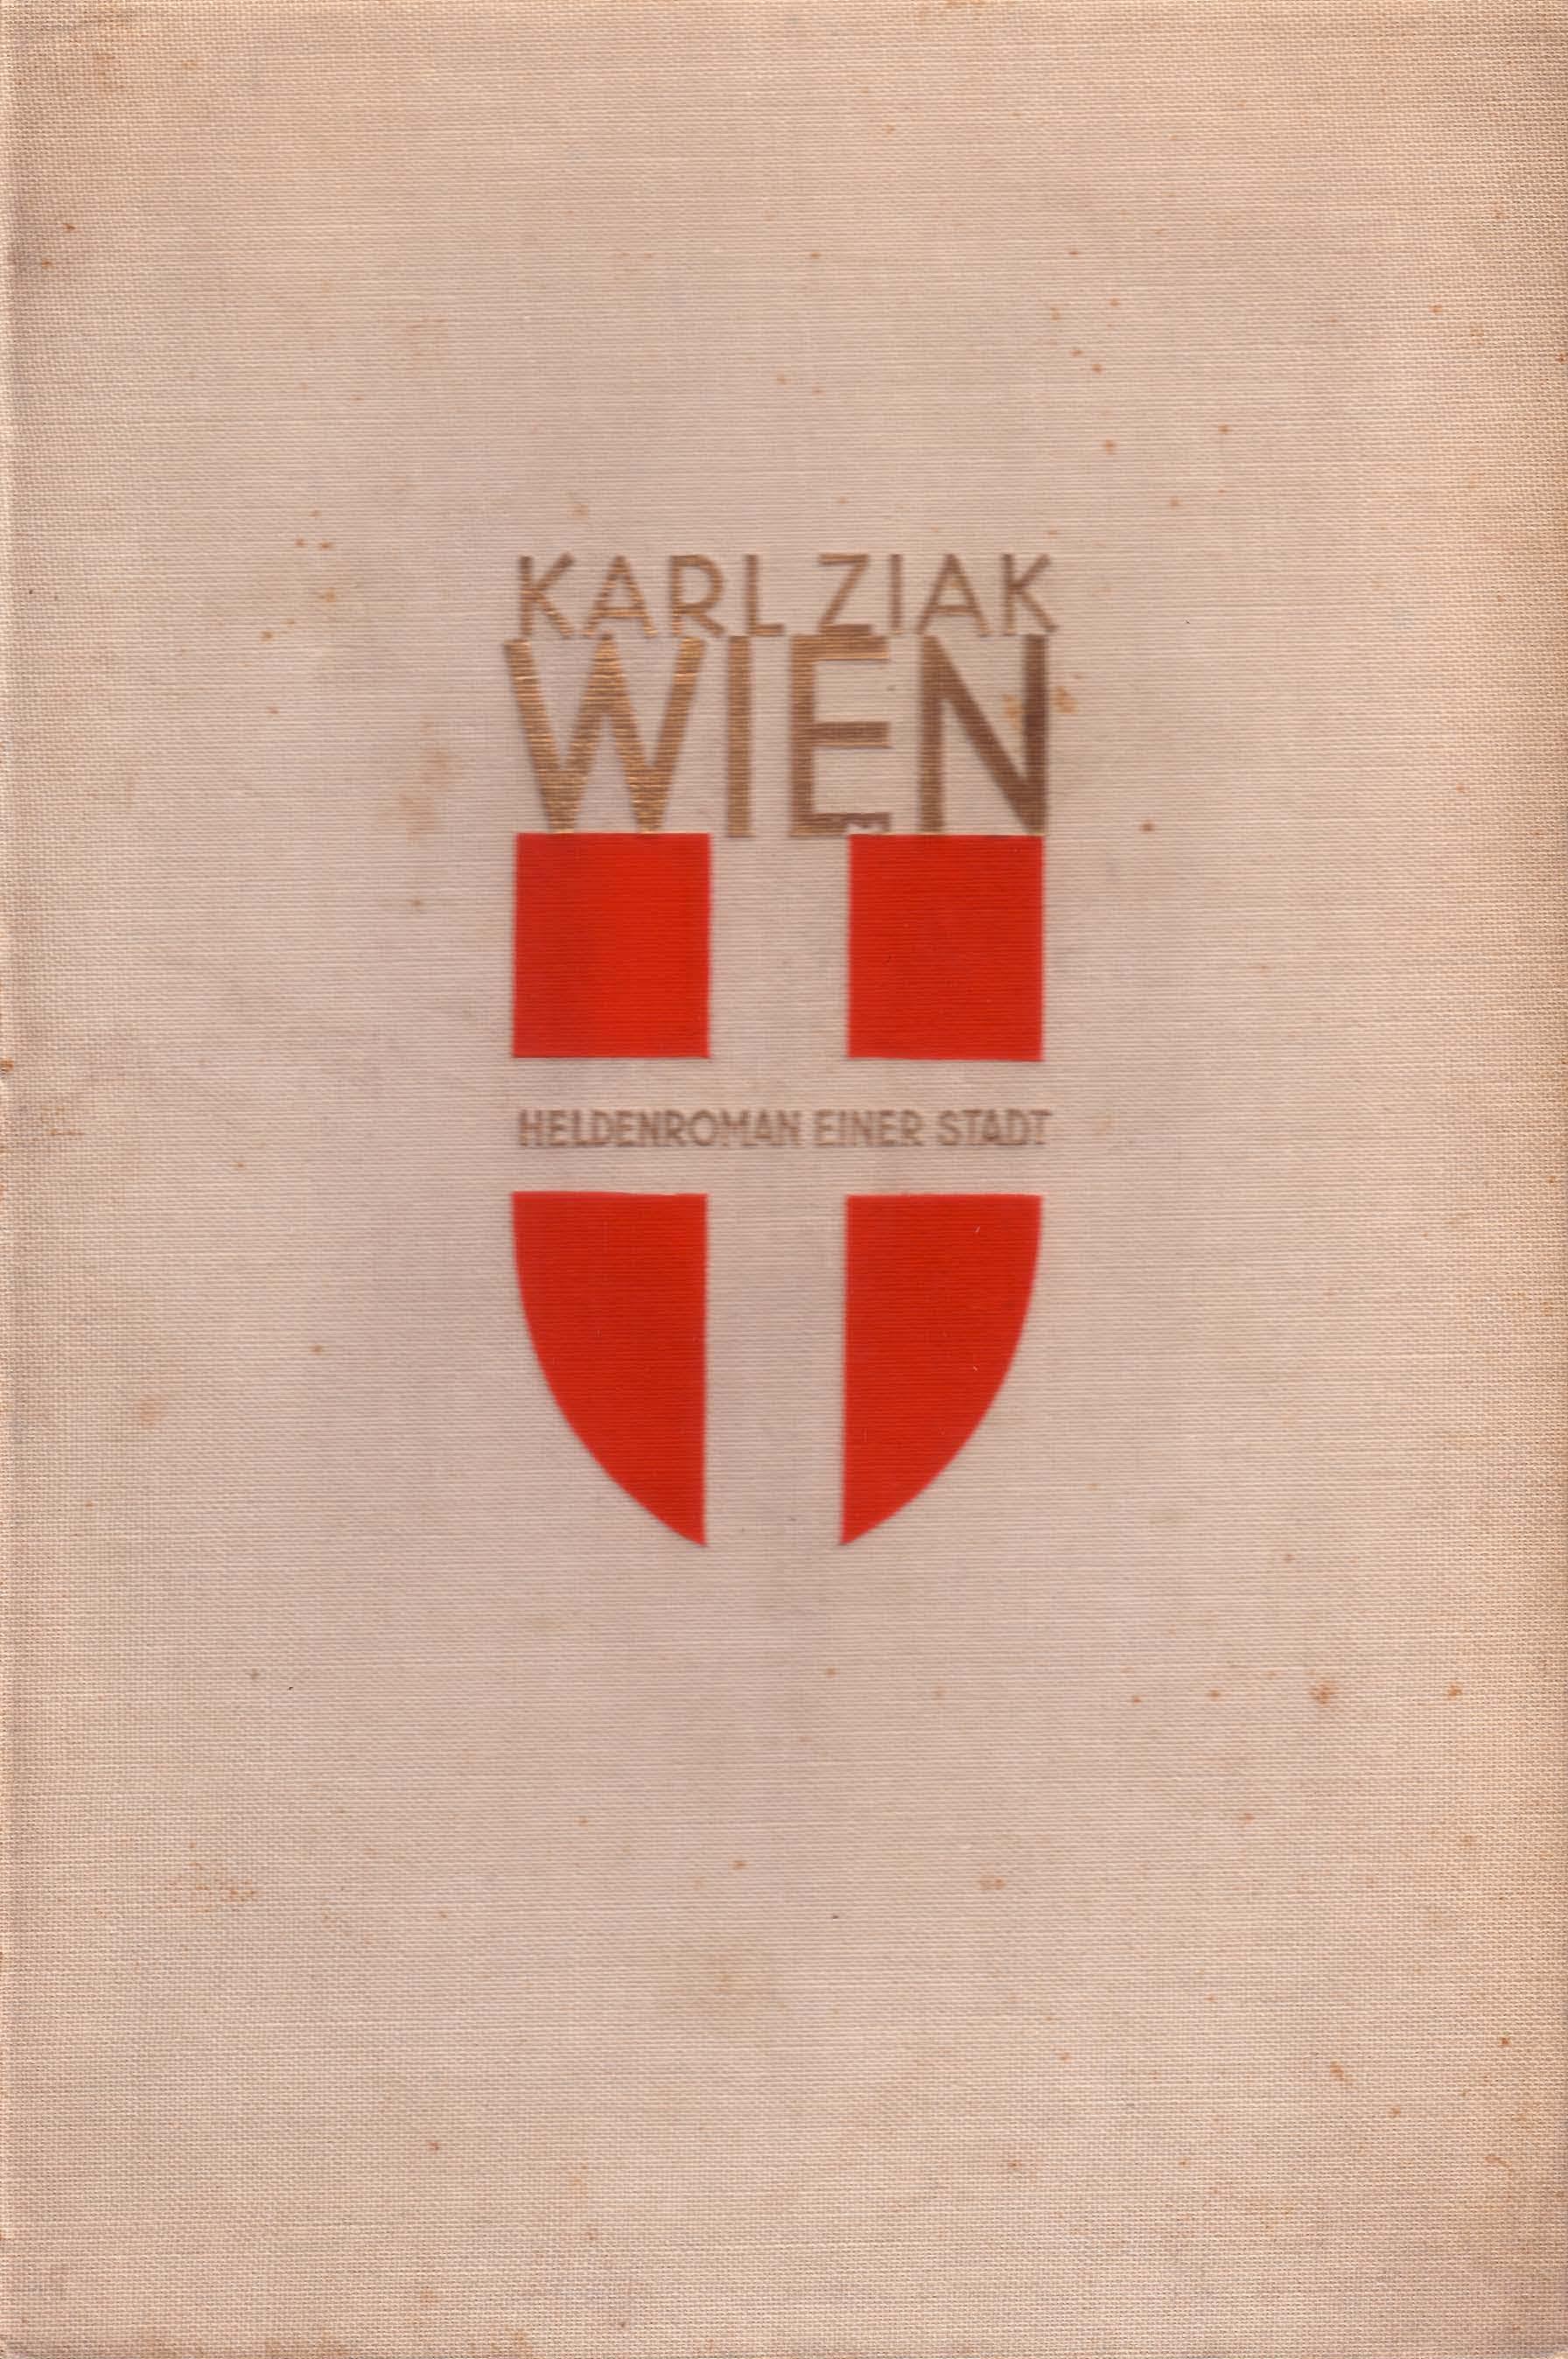 Einbandentwurf von Hermann Kosel, 1931